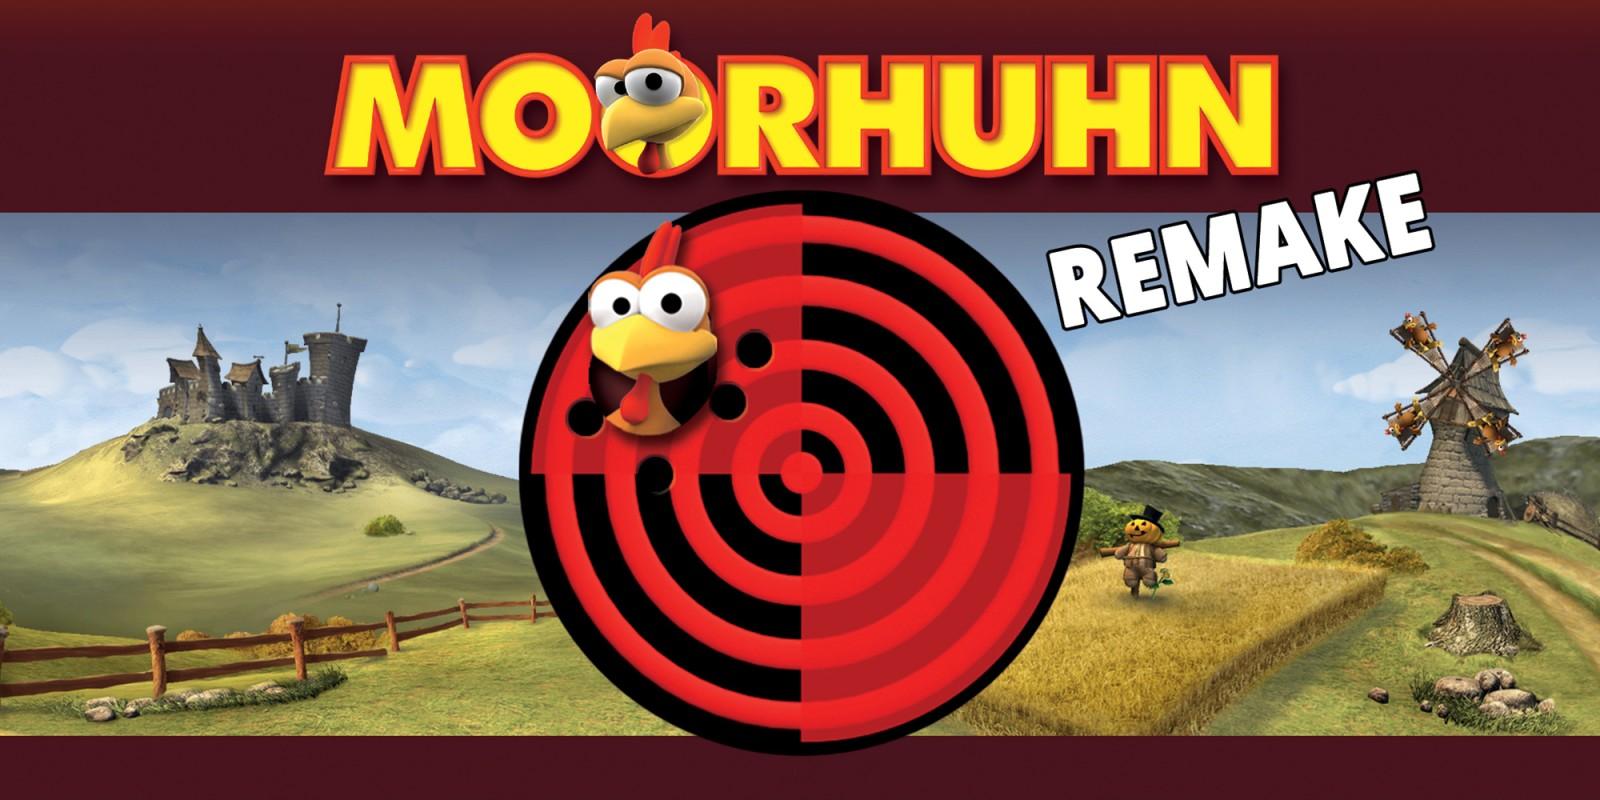 Moorhuhn Remake Spielen